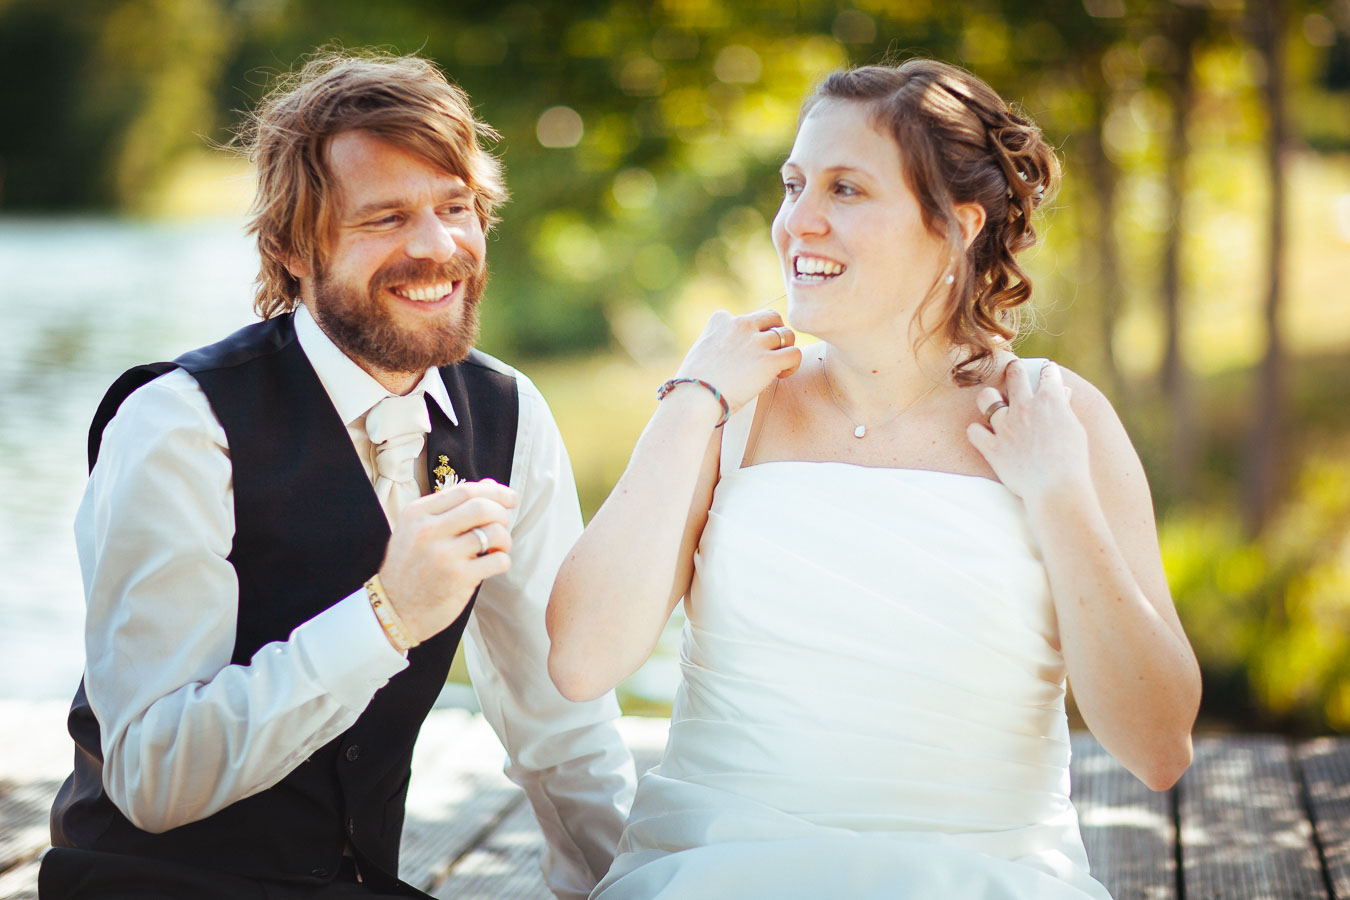 Hochzeit, Tanzen Hochzeit, Hochzeitstanz, Innviertelhochzeit